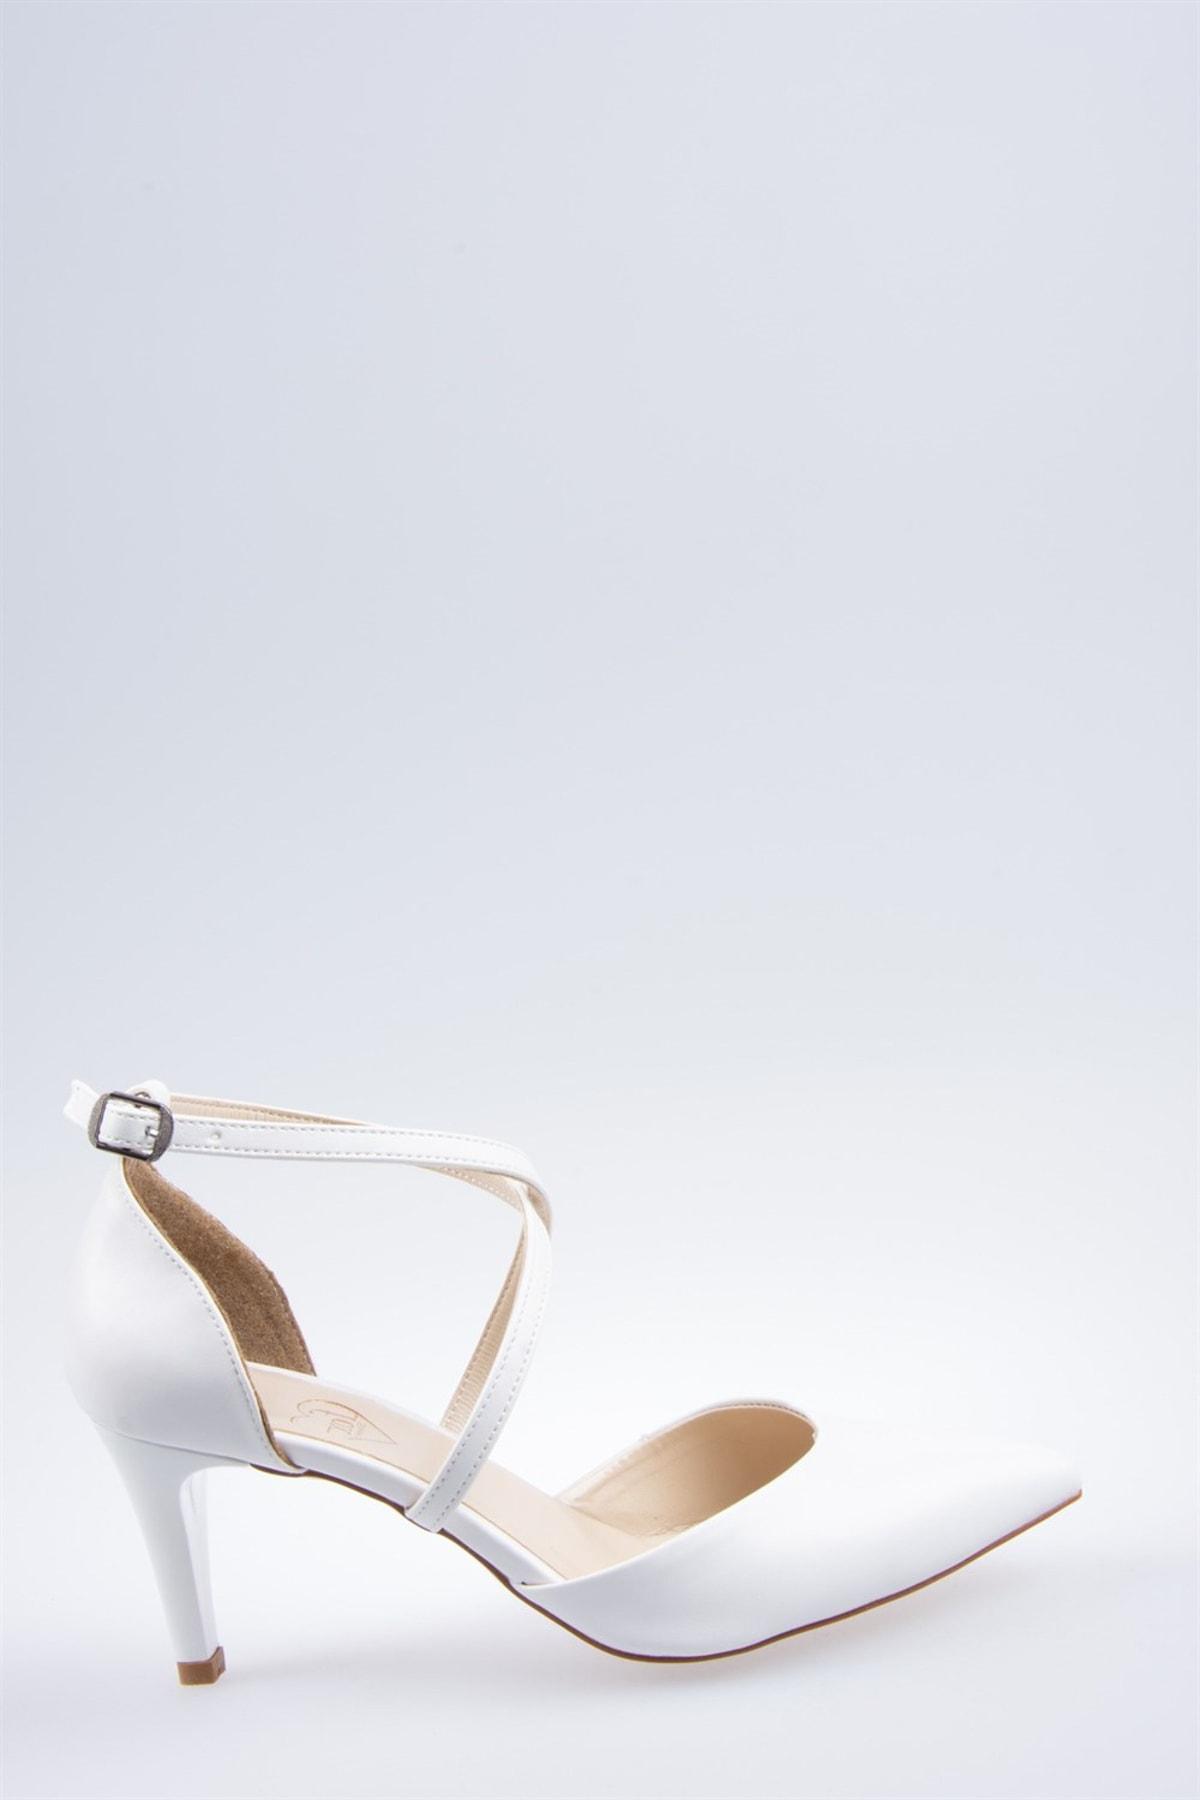 Fox Shoes Beyaz Kadın Topuklu Ayakkabı D654054809 2